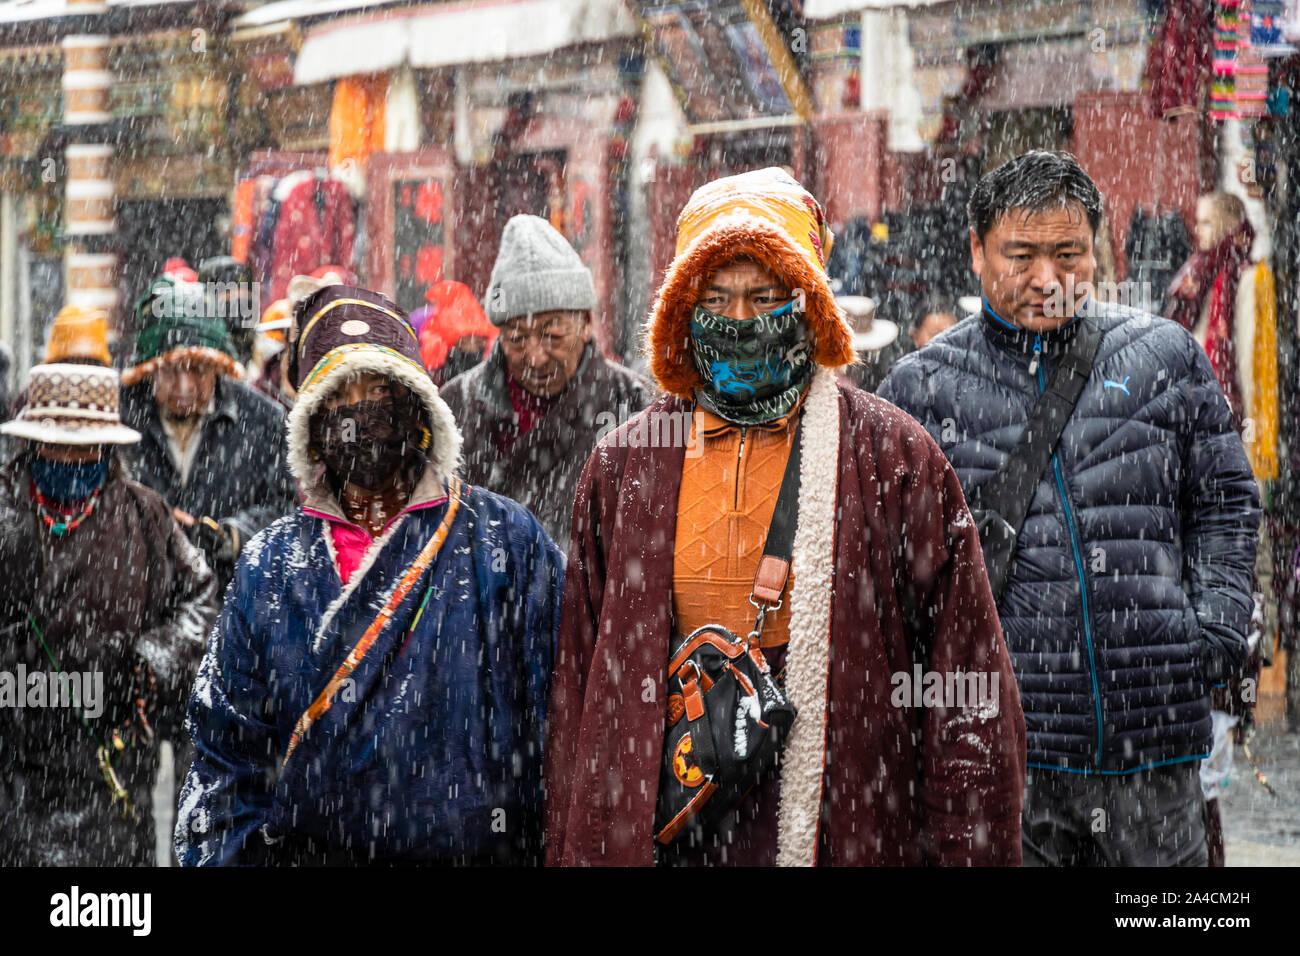 Lhasa, China - 26 de diciembre de 2018: Los budistas tibetanos devouts realice una kora alrededor del templo de Jokhang a lo largo de la calle Barkhor en Lhasa en el Tíbet antiguo Foto de stock